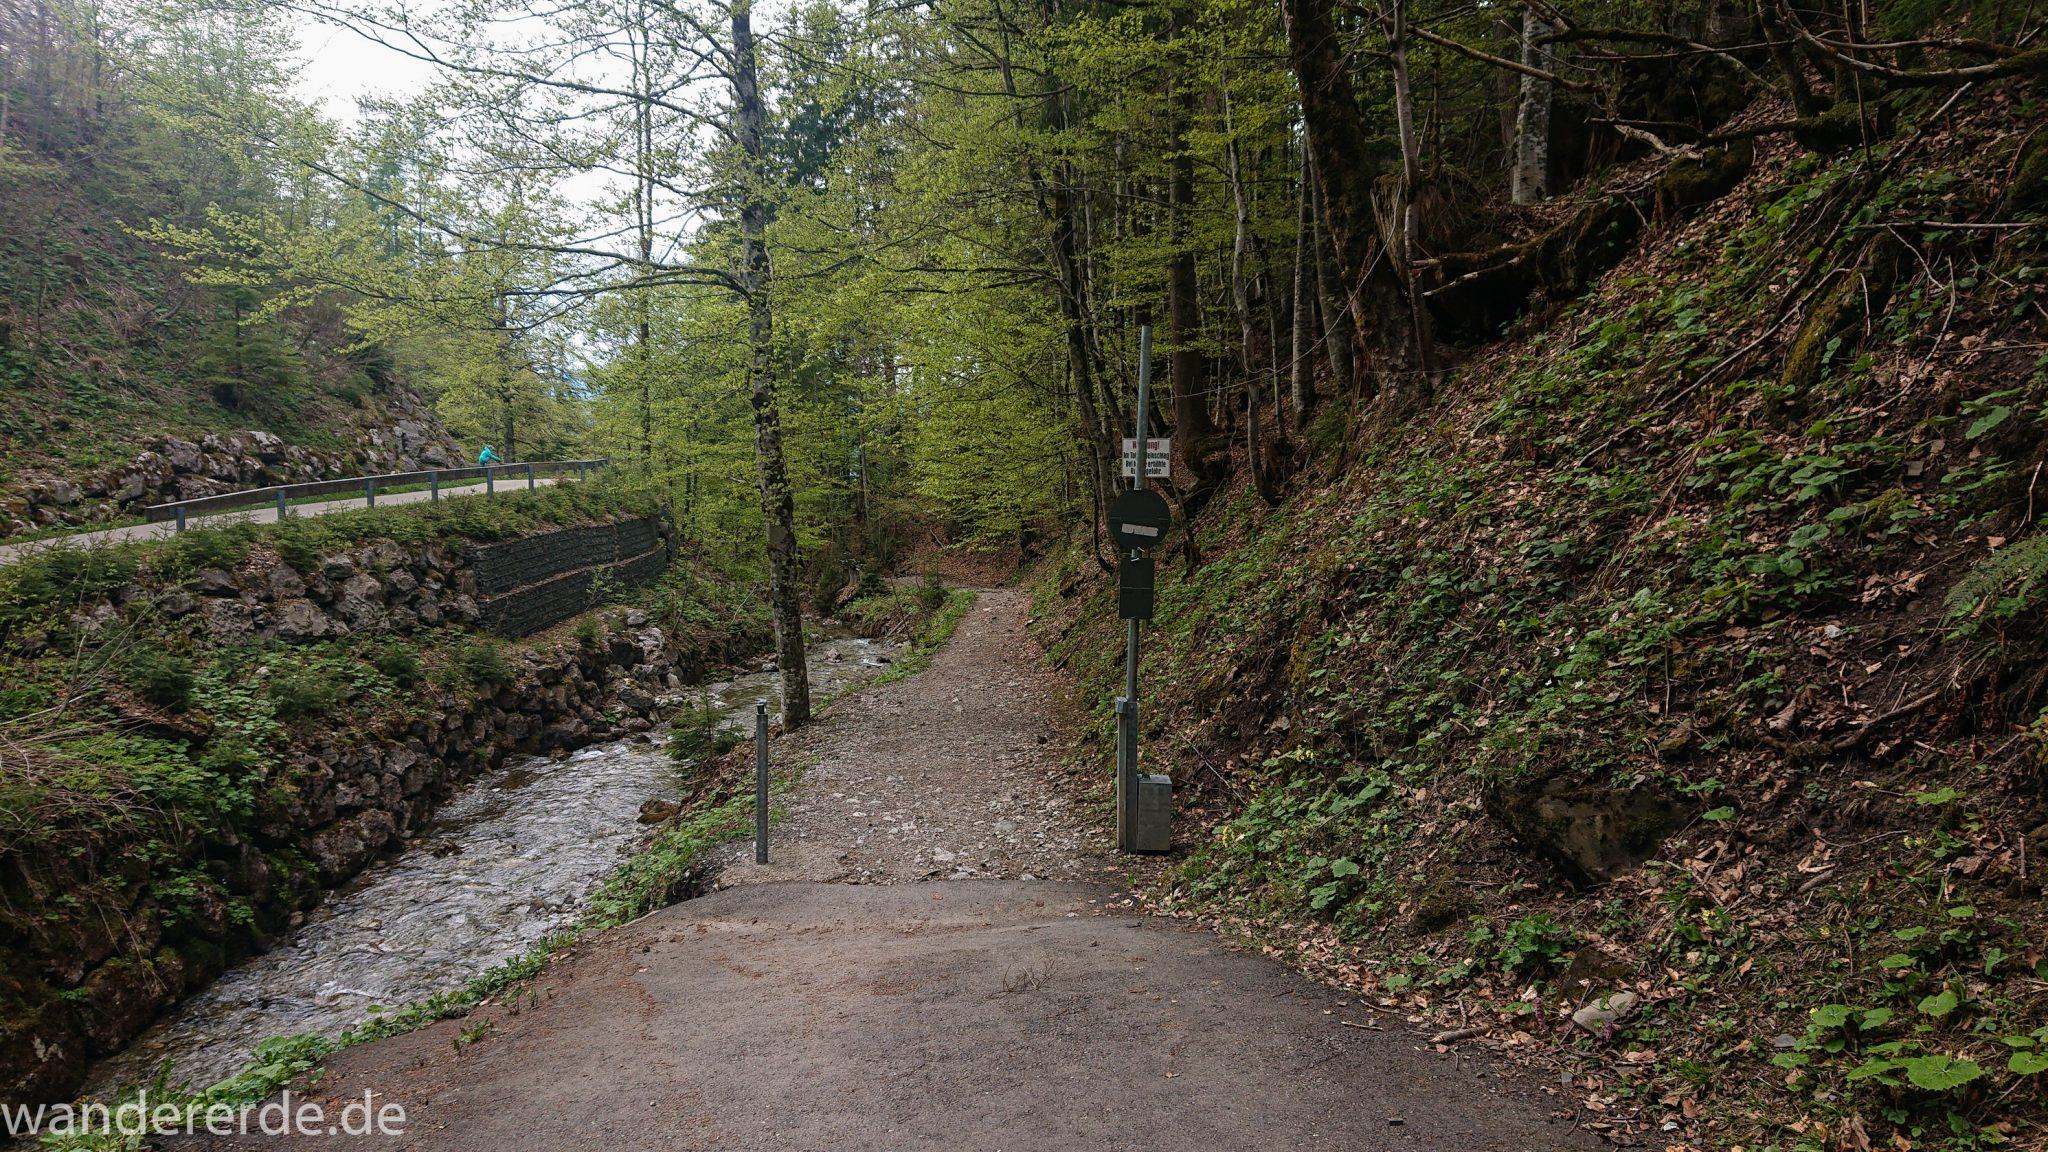 Wanderung Unterer Gaisalpsee, Wanderweg von Oberstdorf im Allgäu, Startpunkt des Tobelweg, über Tobelweg zurück nach Oberstdorf, schmaler Kiespfad beim Tobelweg, teils steil und felsig abwärts, umgeben von schönem dichtem Mischwald, abwechselungsreicher Wanderweg